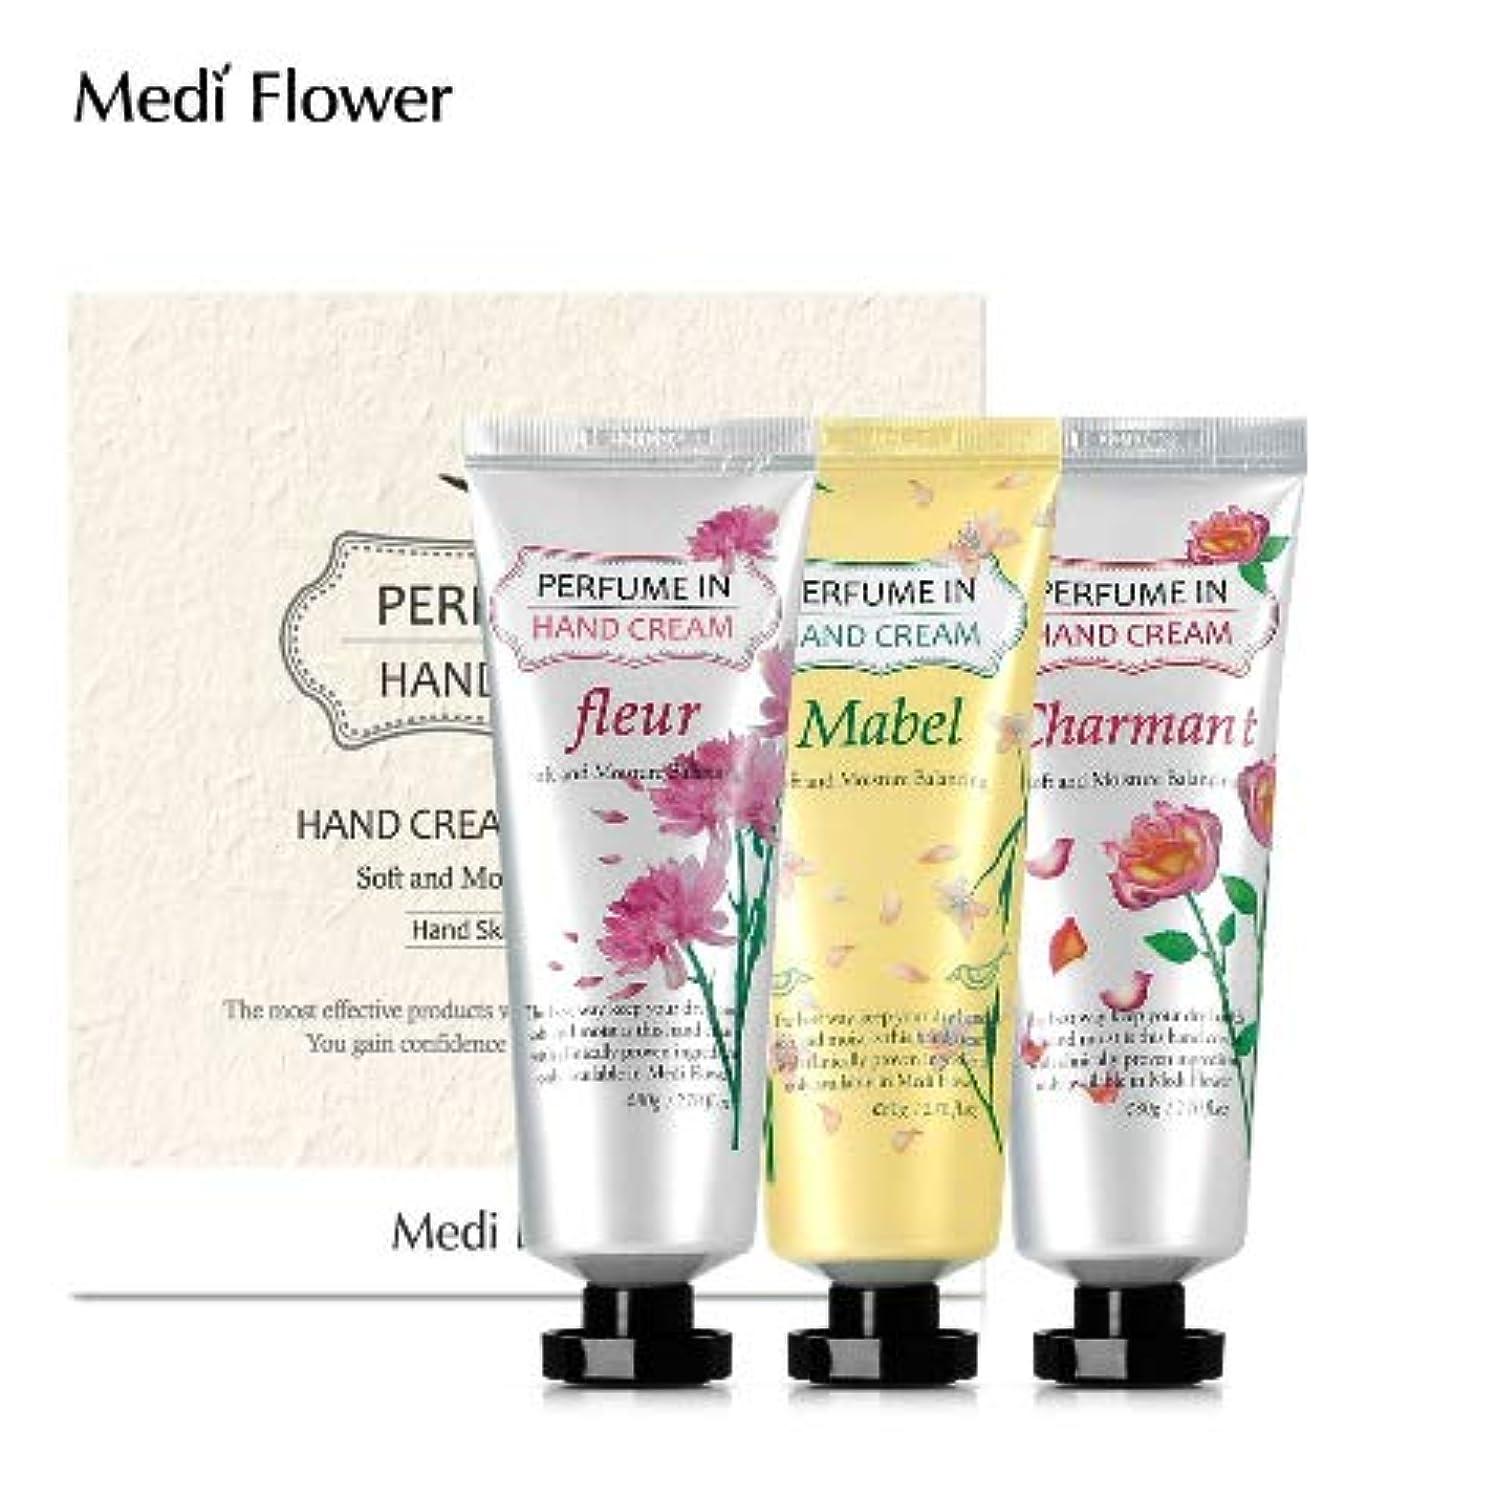 印象困惑わかる[MediFlower] パフュームインハンドクリーム・スペシャルセット 80g x 3個セット / Perfume Hand Cream Specail Set